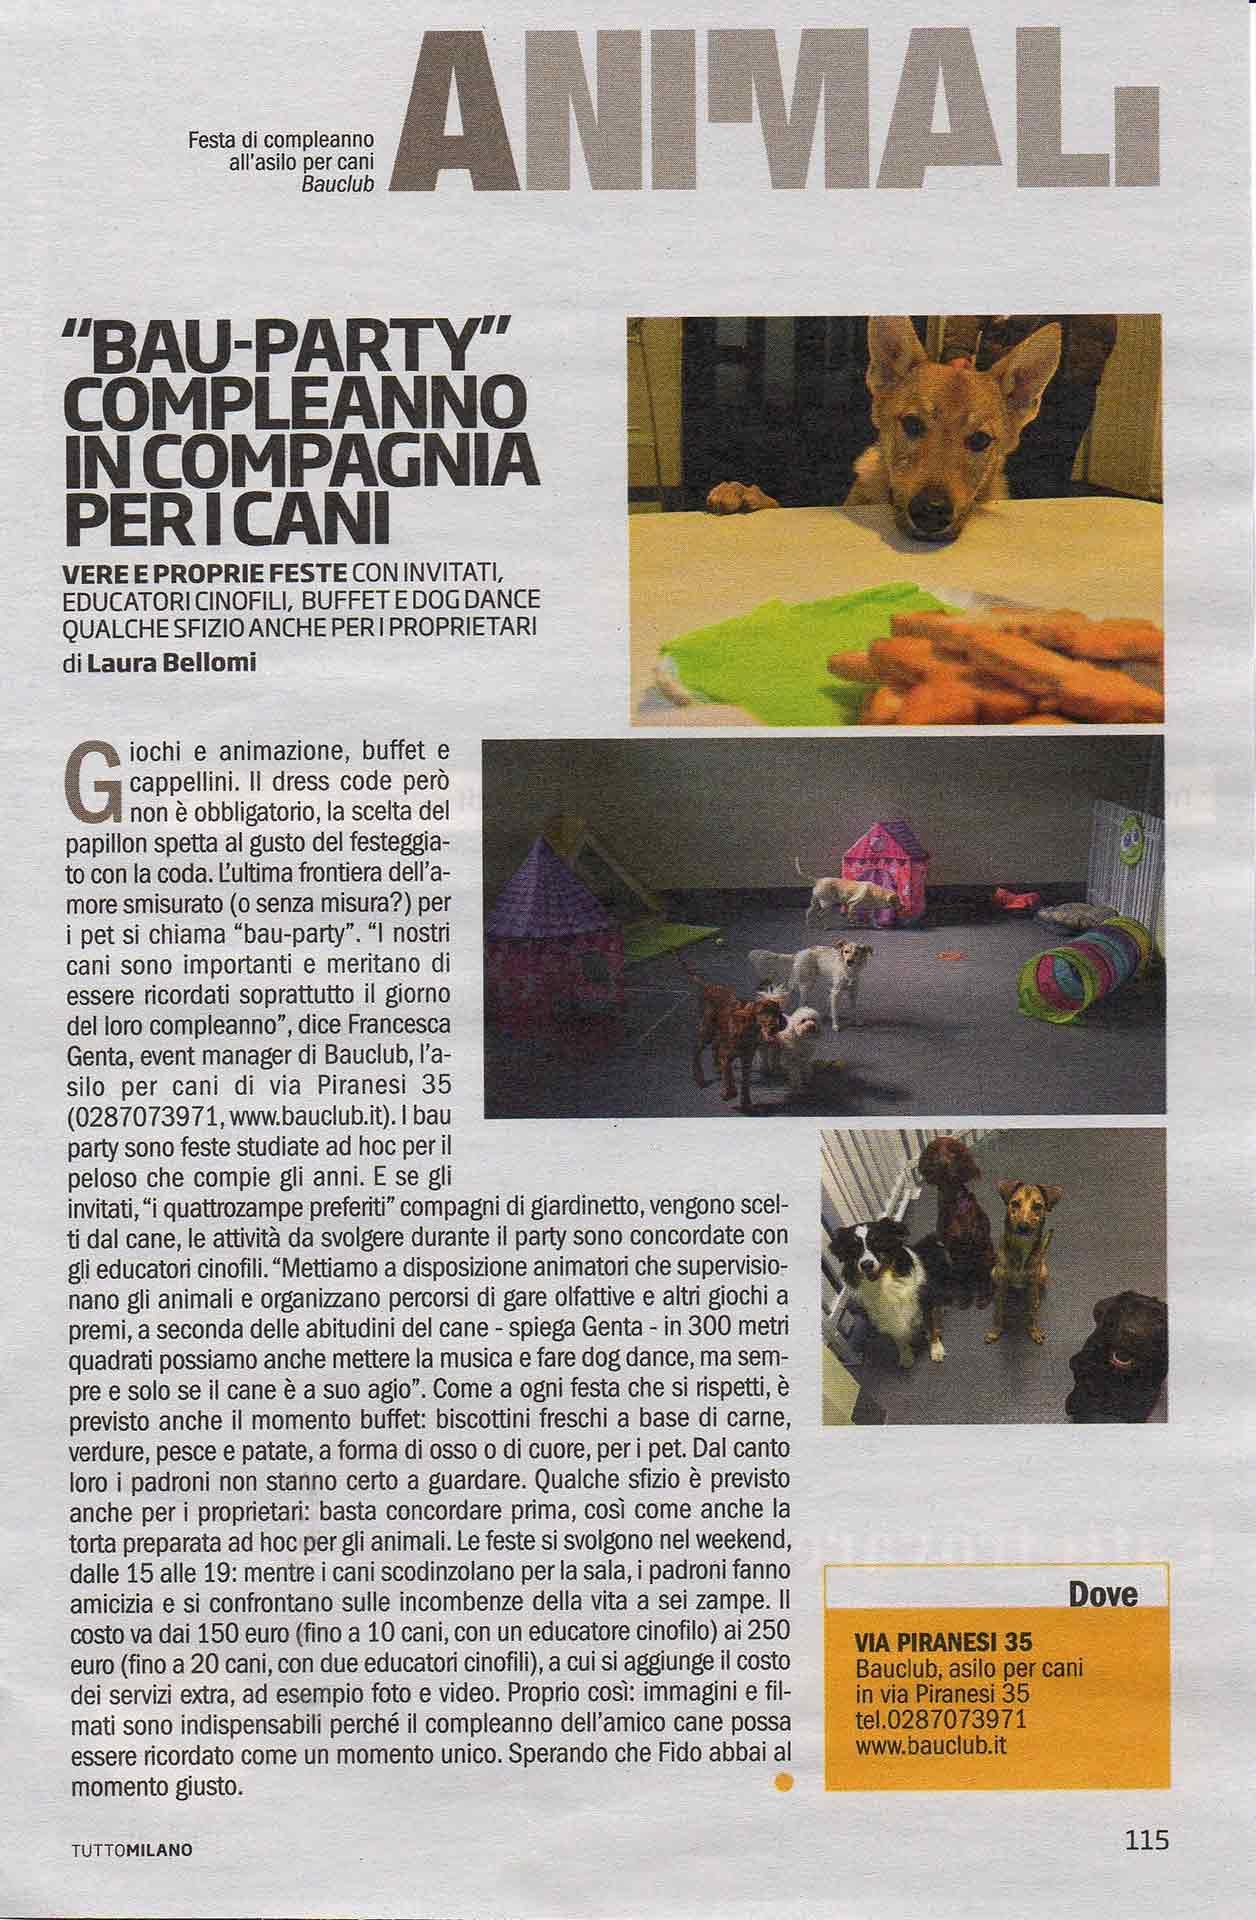 repubblica-giornale-bauclub-asilo-educazione-cani-milano-02